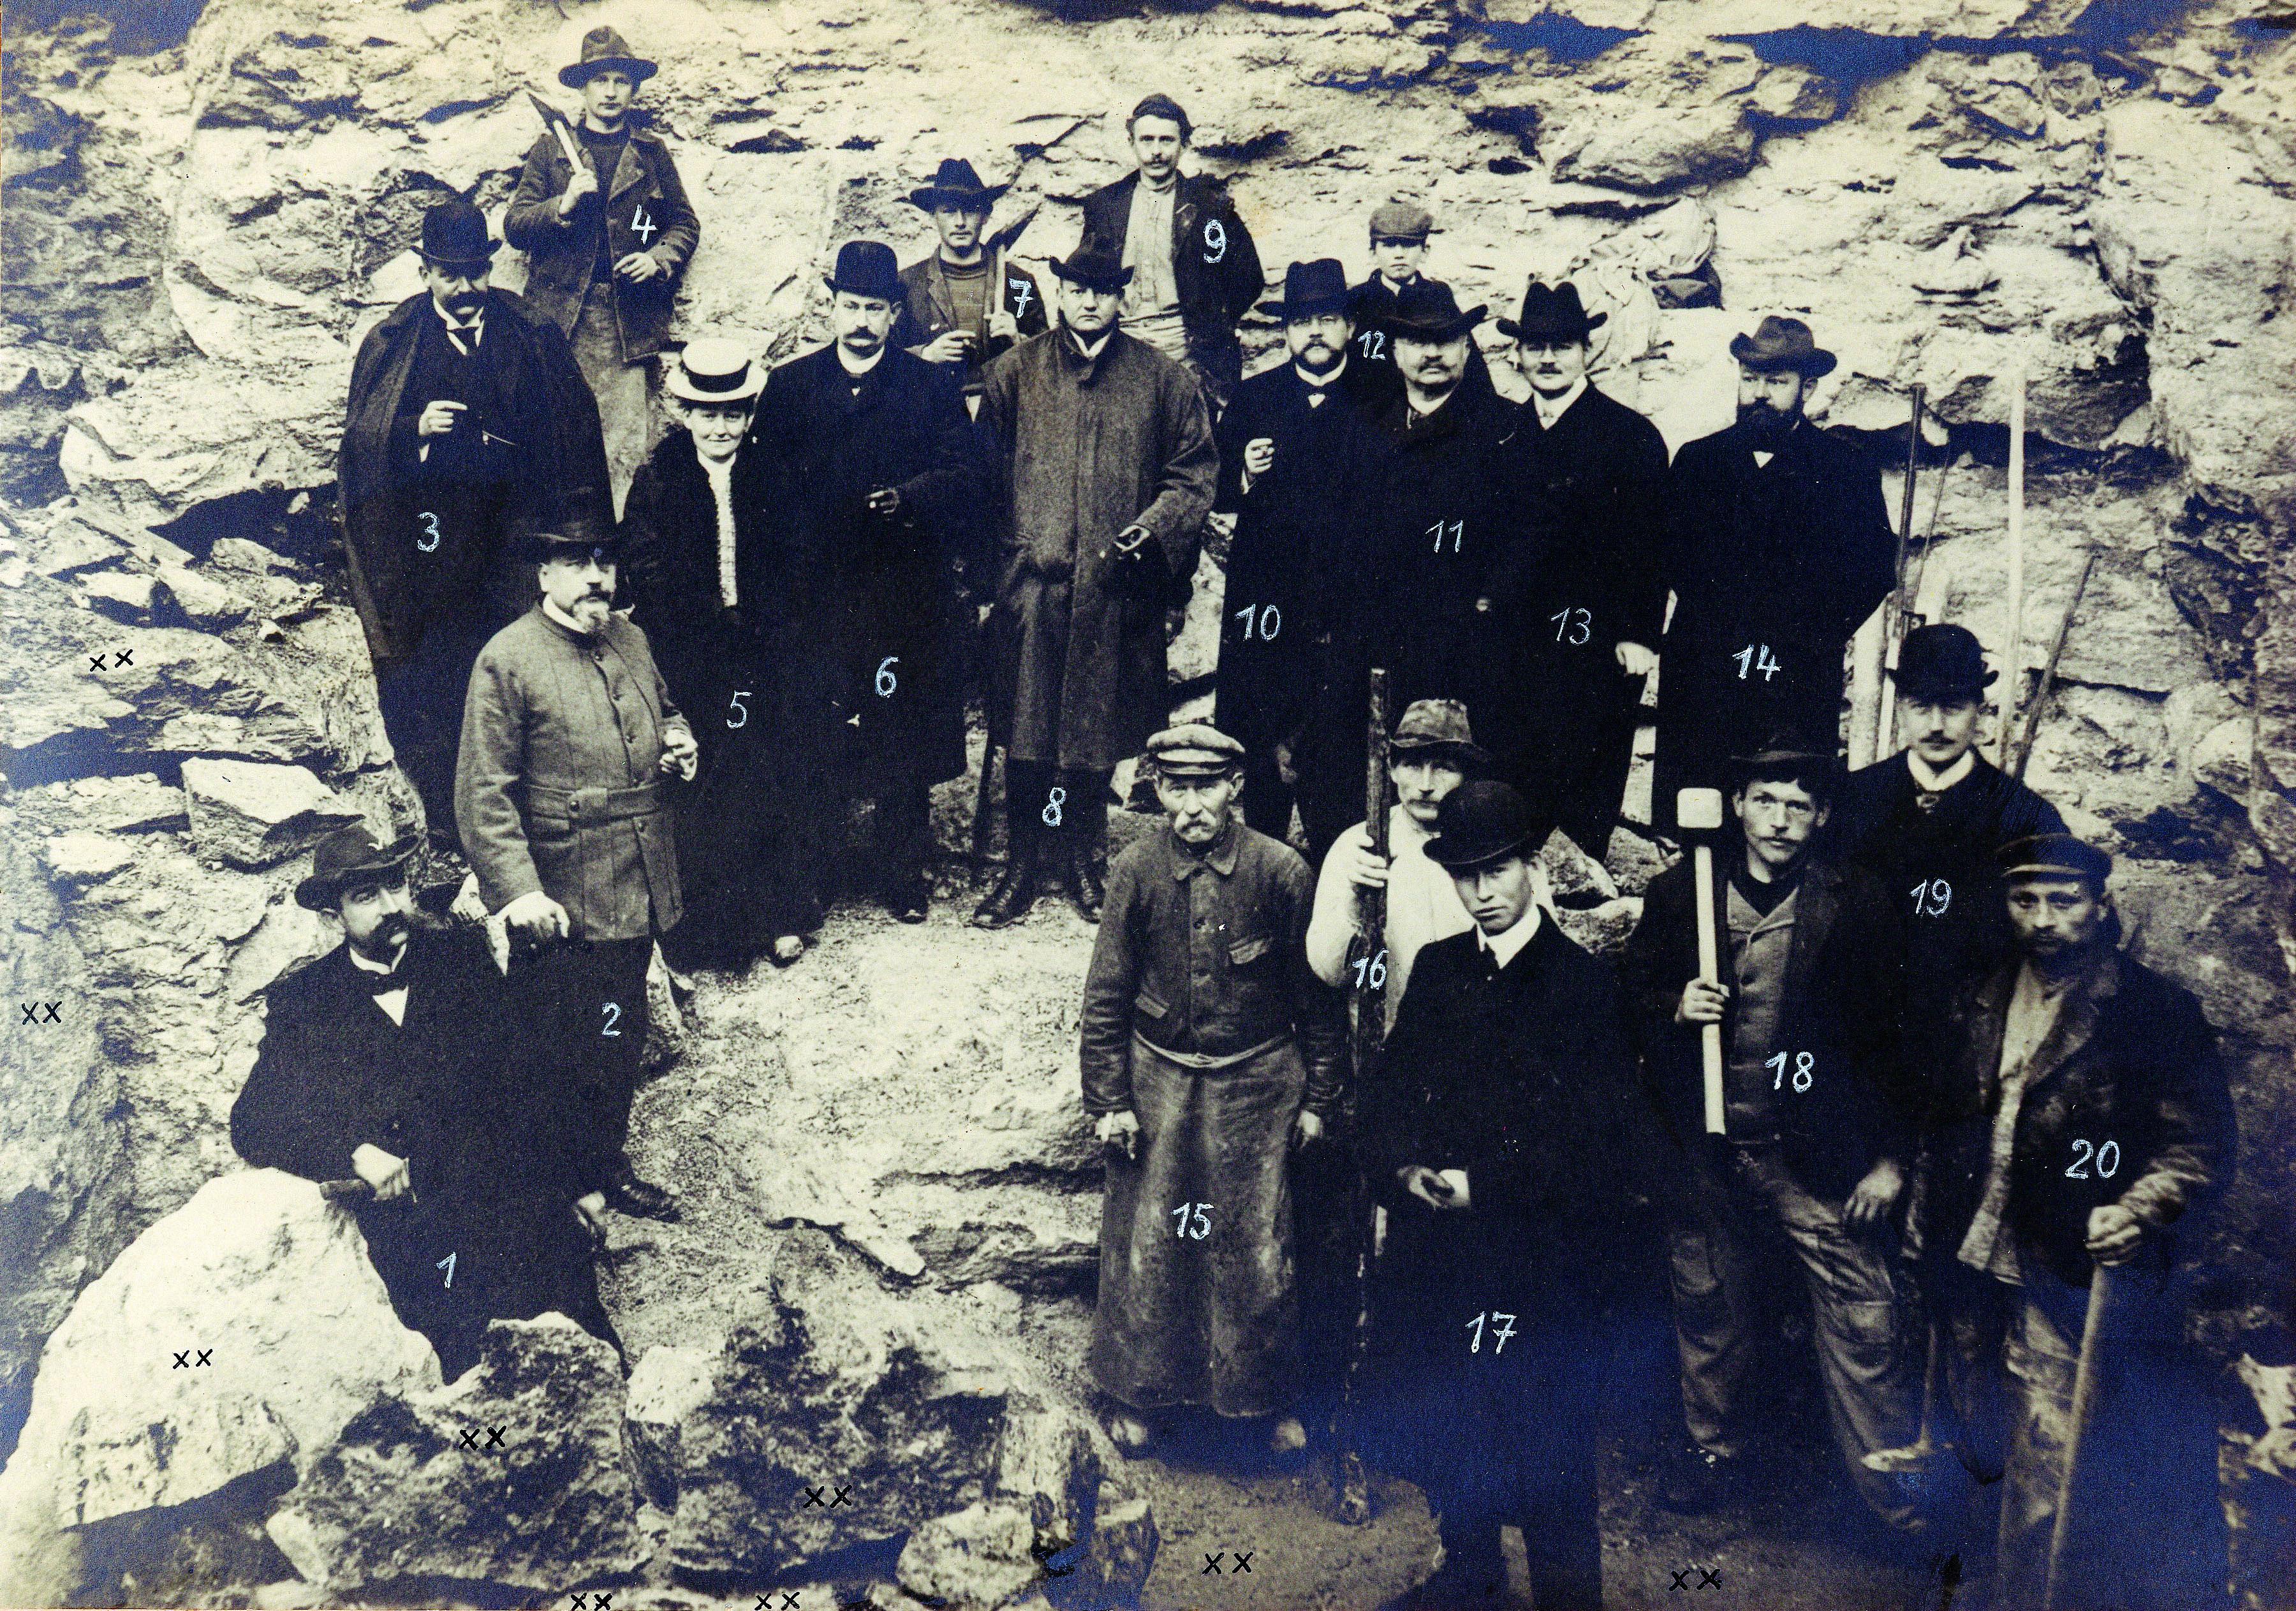 Historisches schwarz-weiß-Foto, Gruppenaufnahme von 20 Personen, stehend zwischen hellen Steinklüften